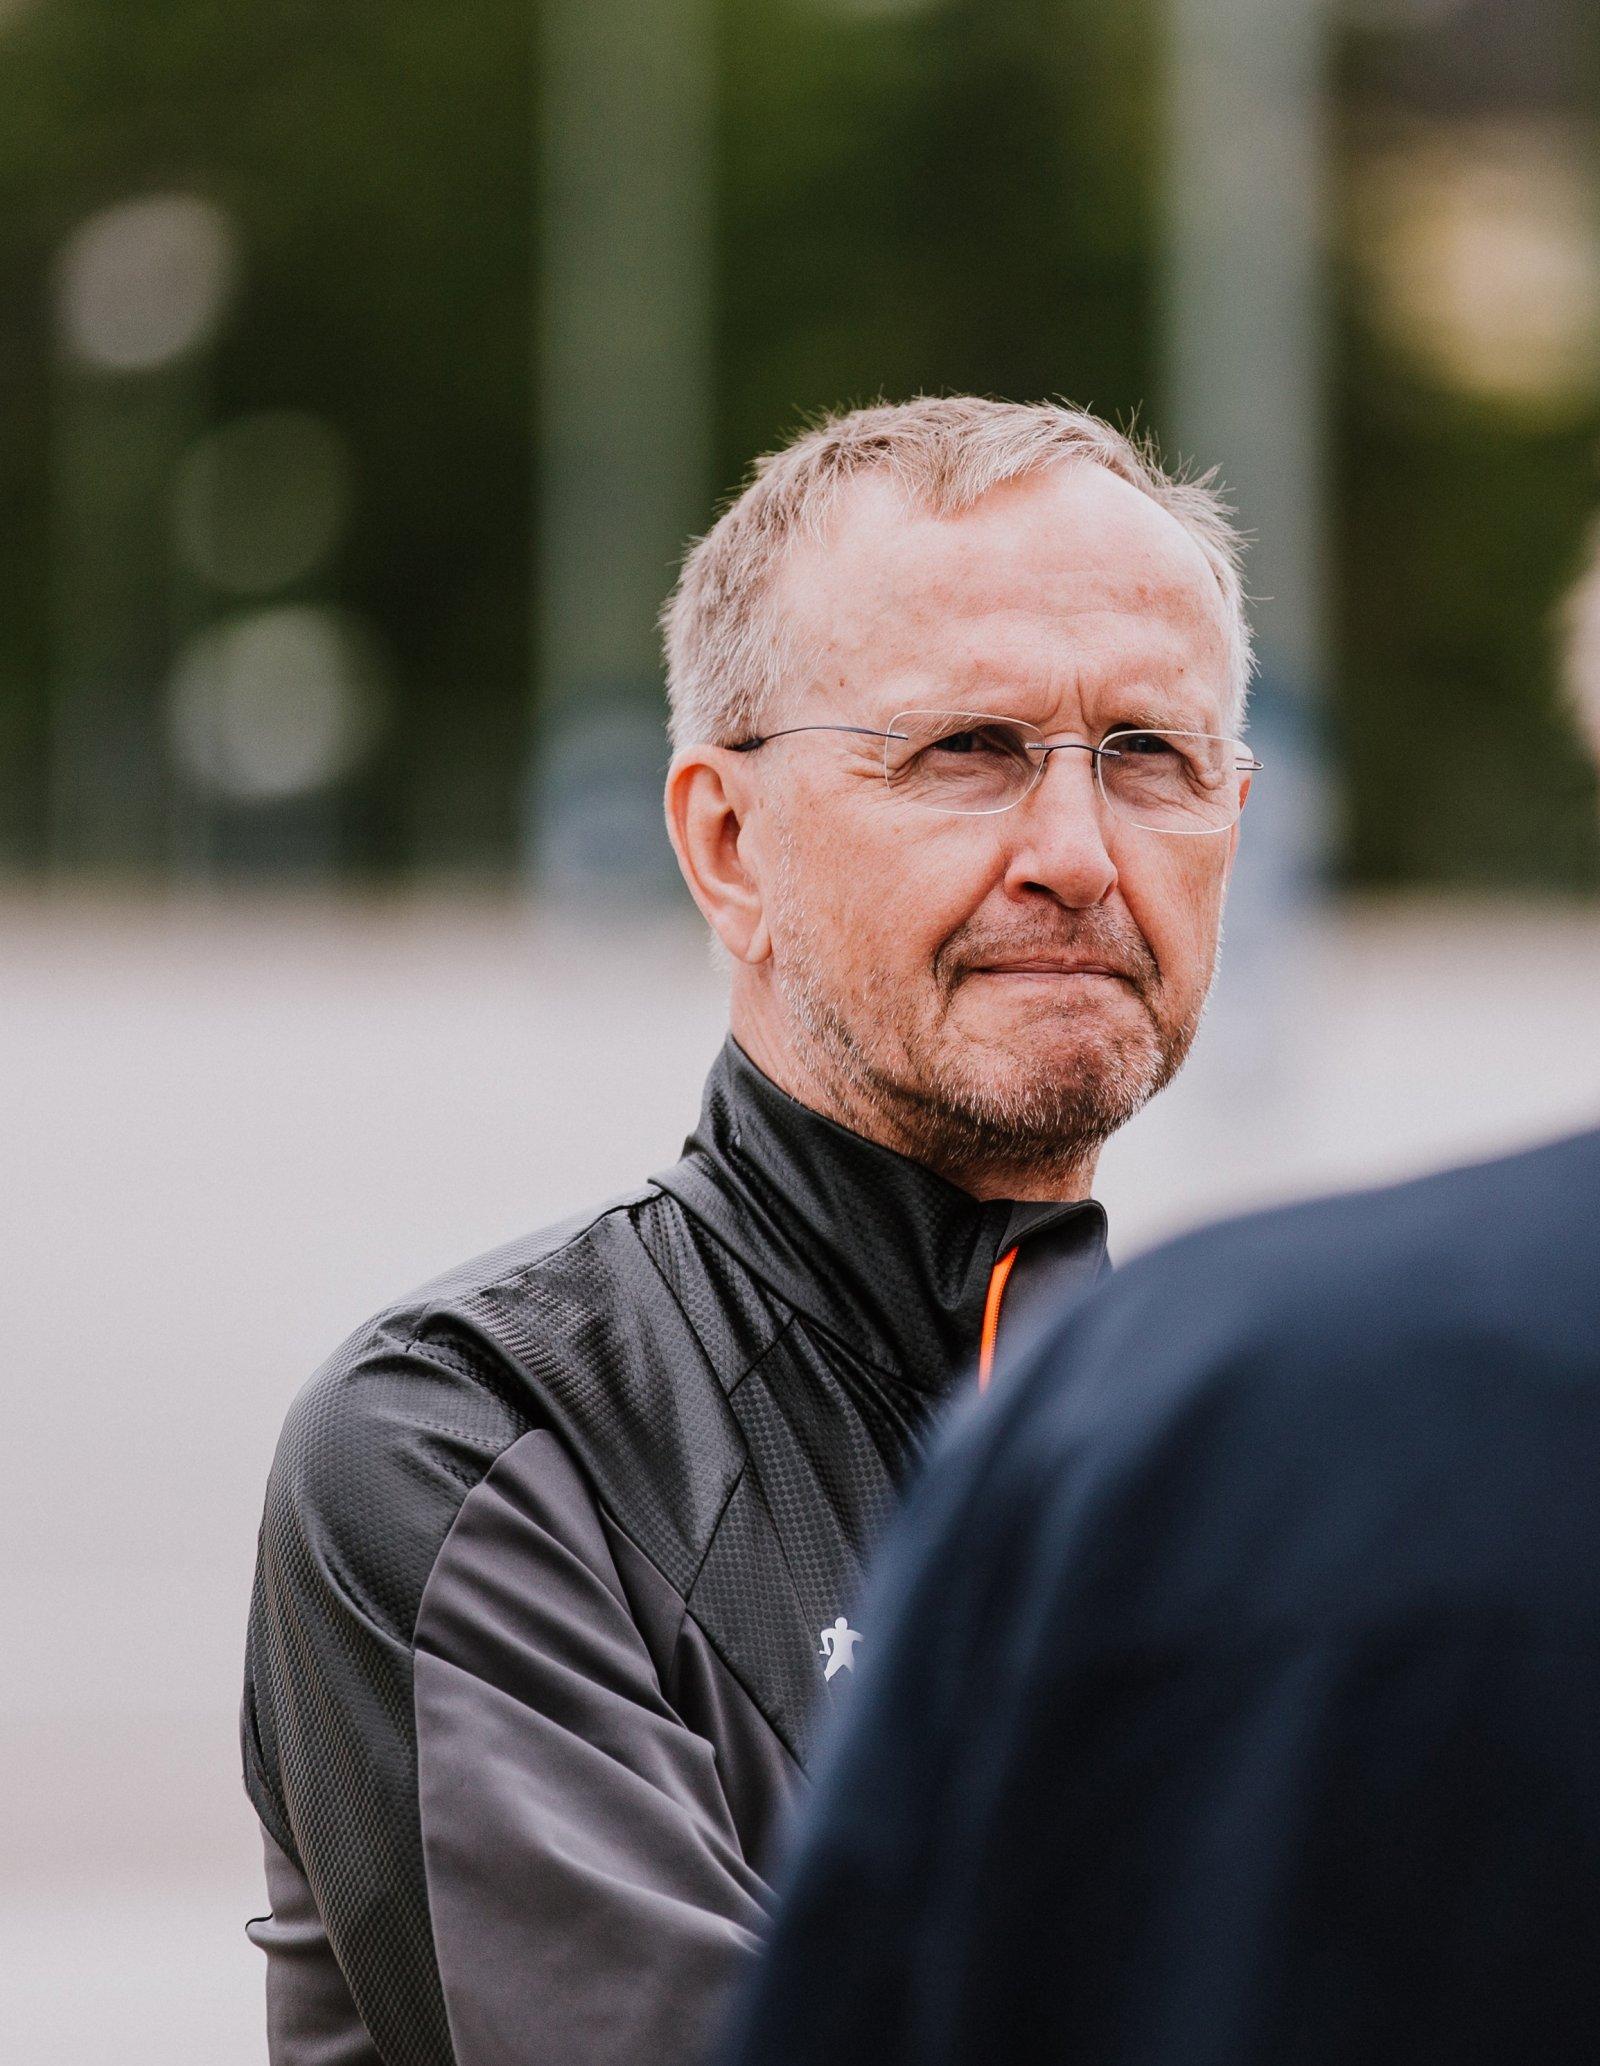 Müncheni dopinguprotsessil loeti ette Mark Schmidti ja Mati Alaveri vaheline vestlus: